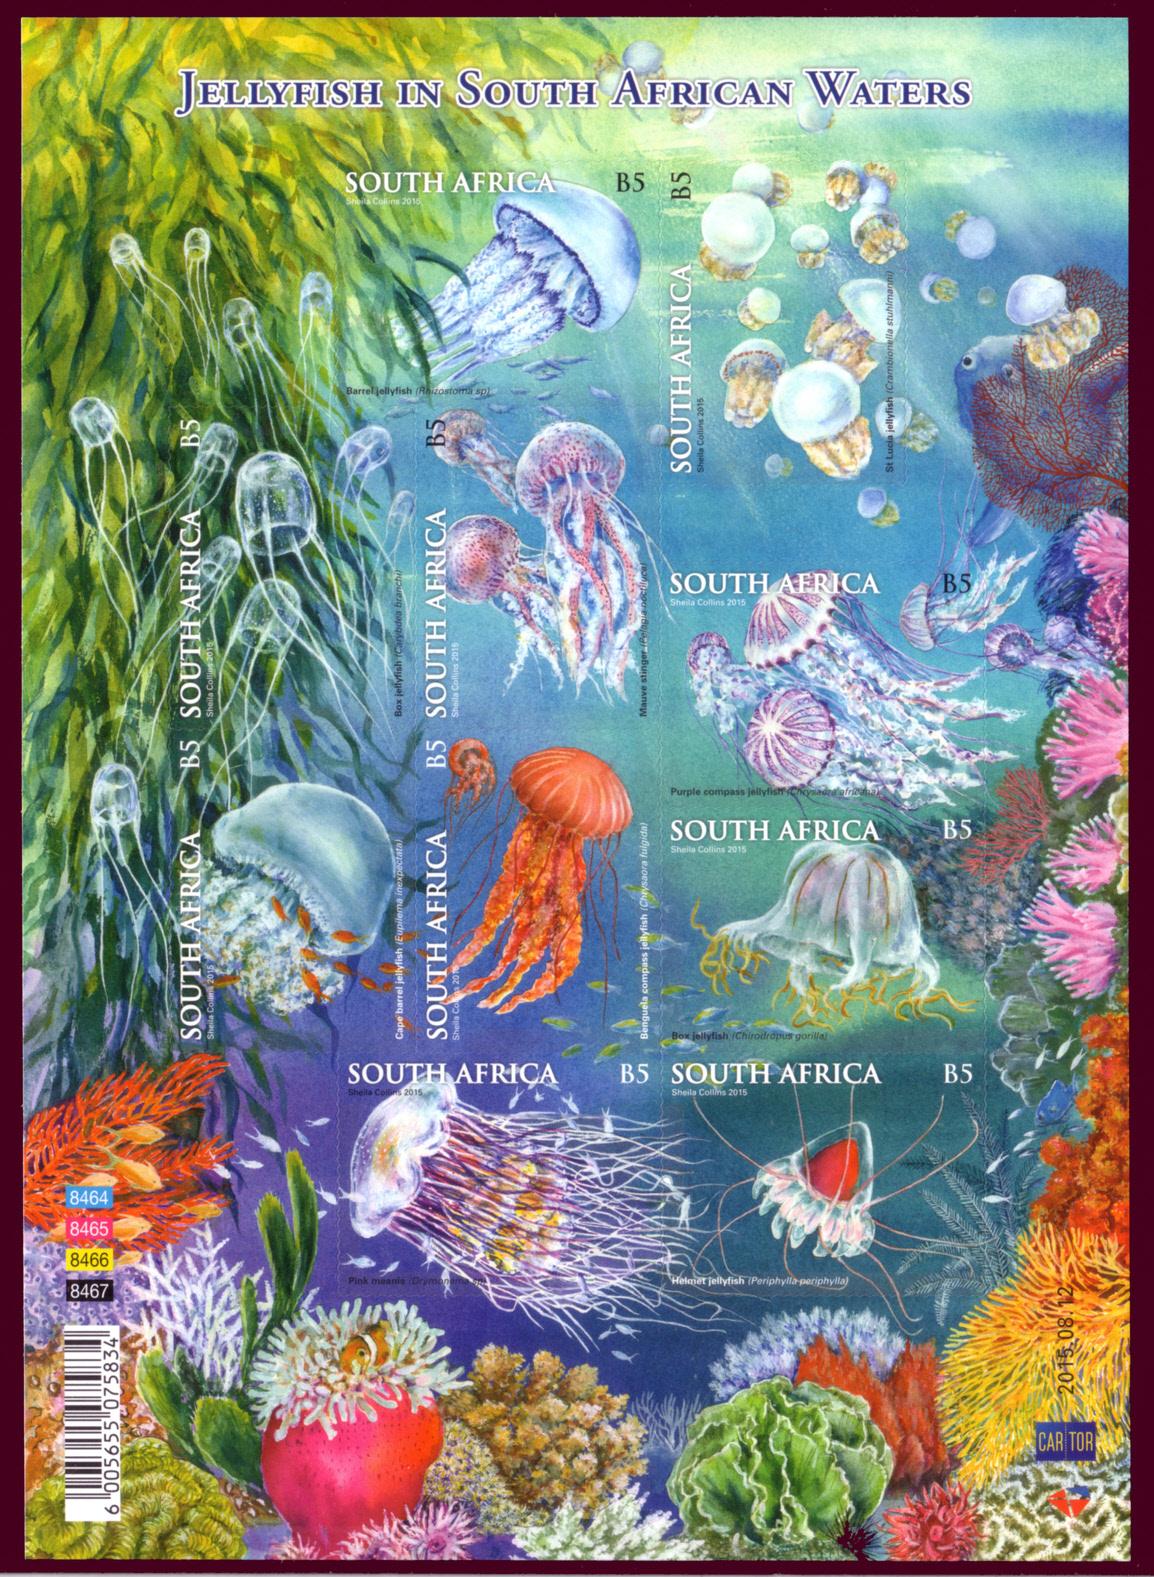 南非水母 - 六一儿童 - 译海拾蚌